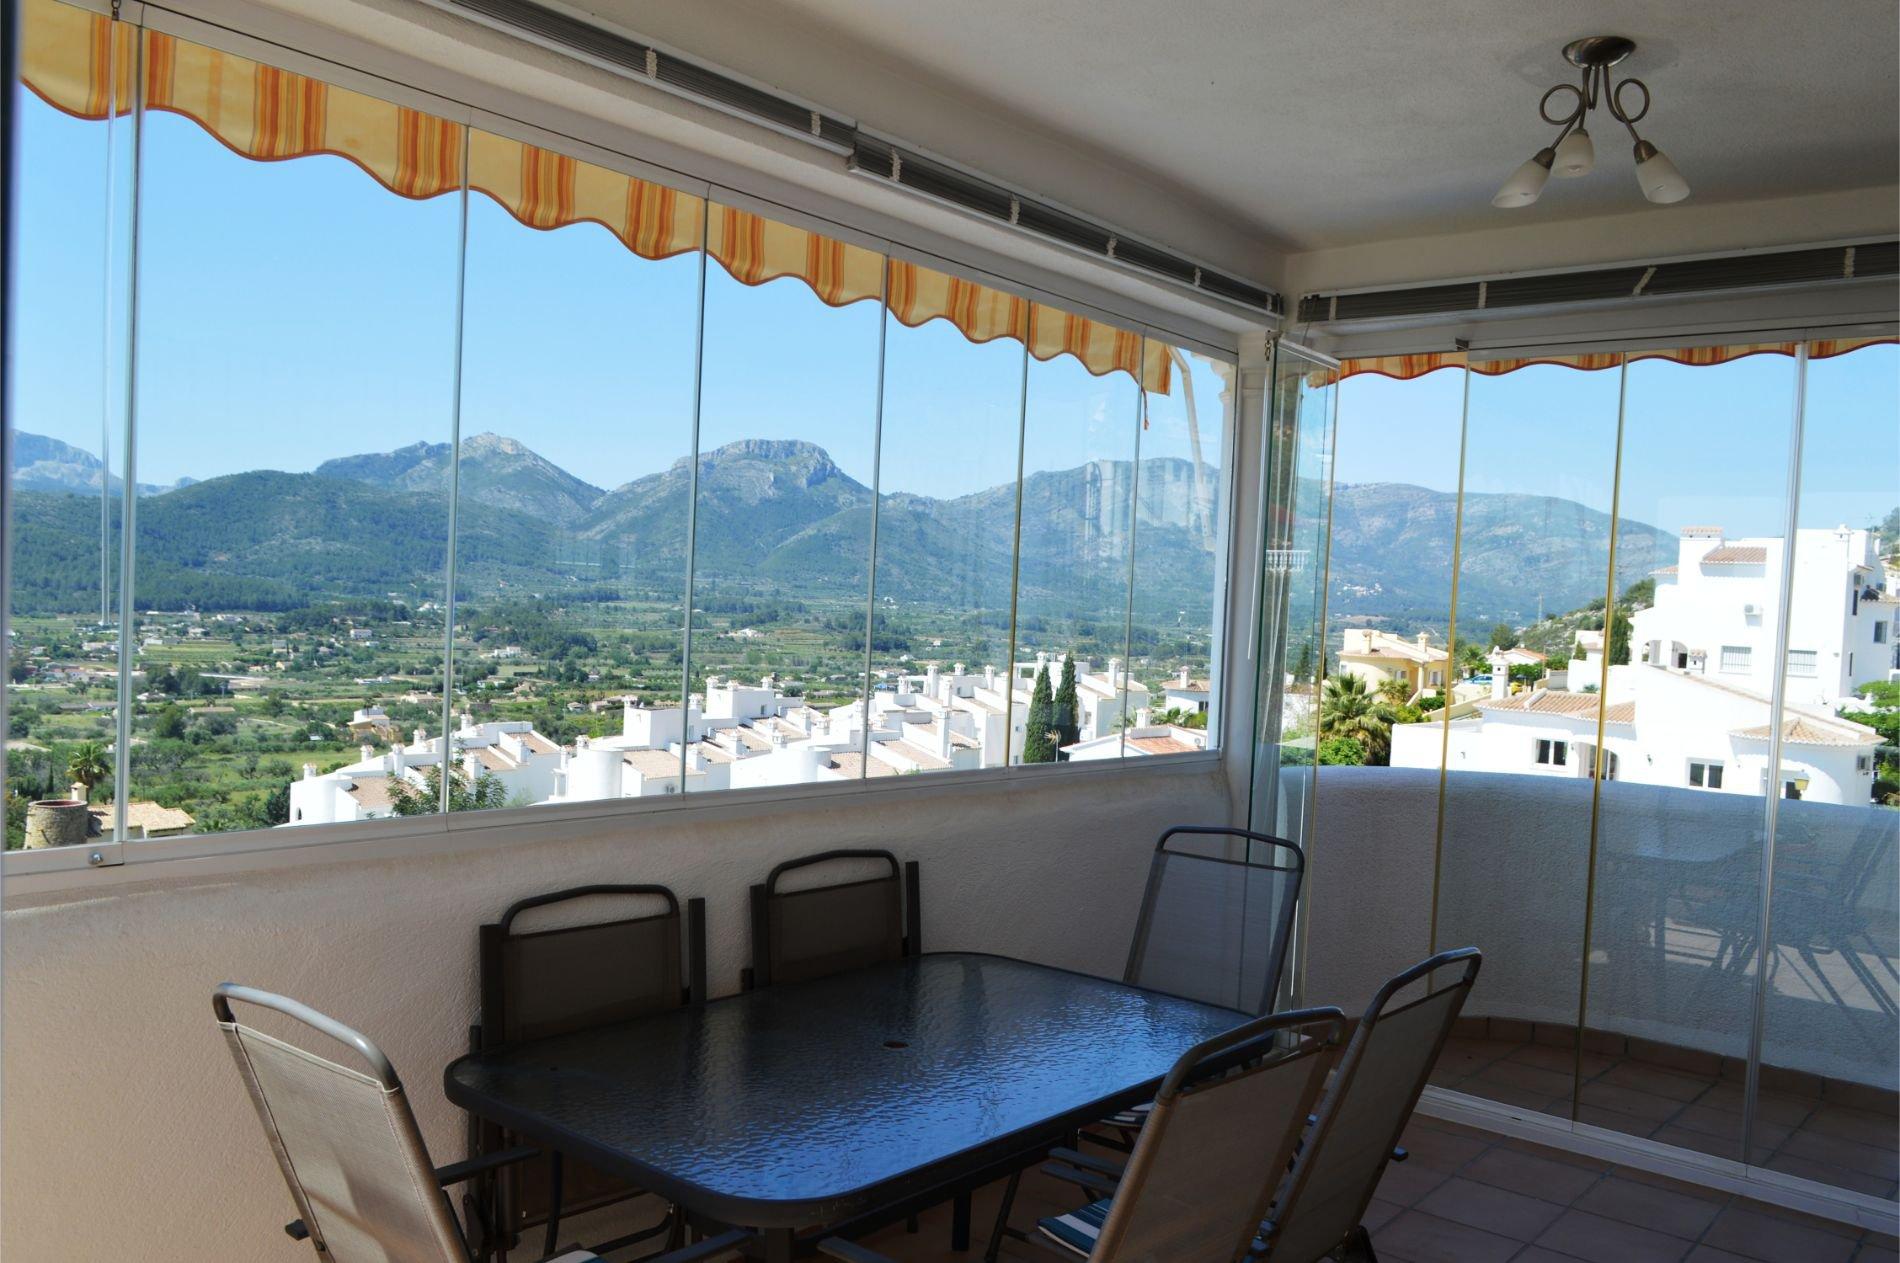 Villa spacieuse avec une vue imprenable sur la vallée de Jalon